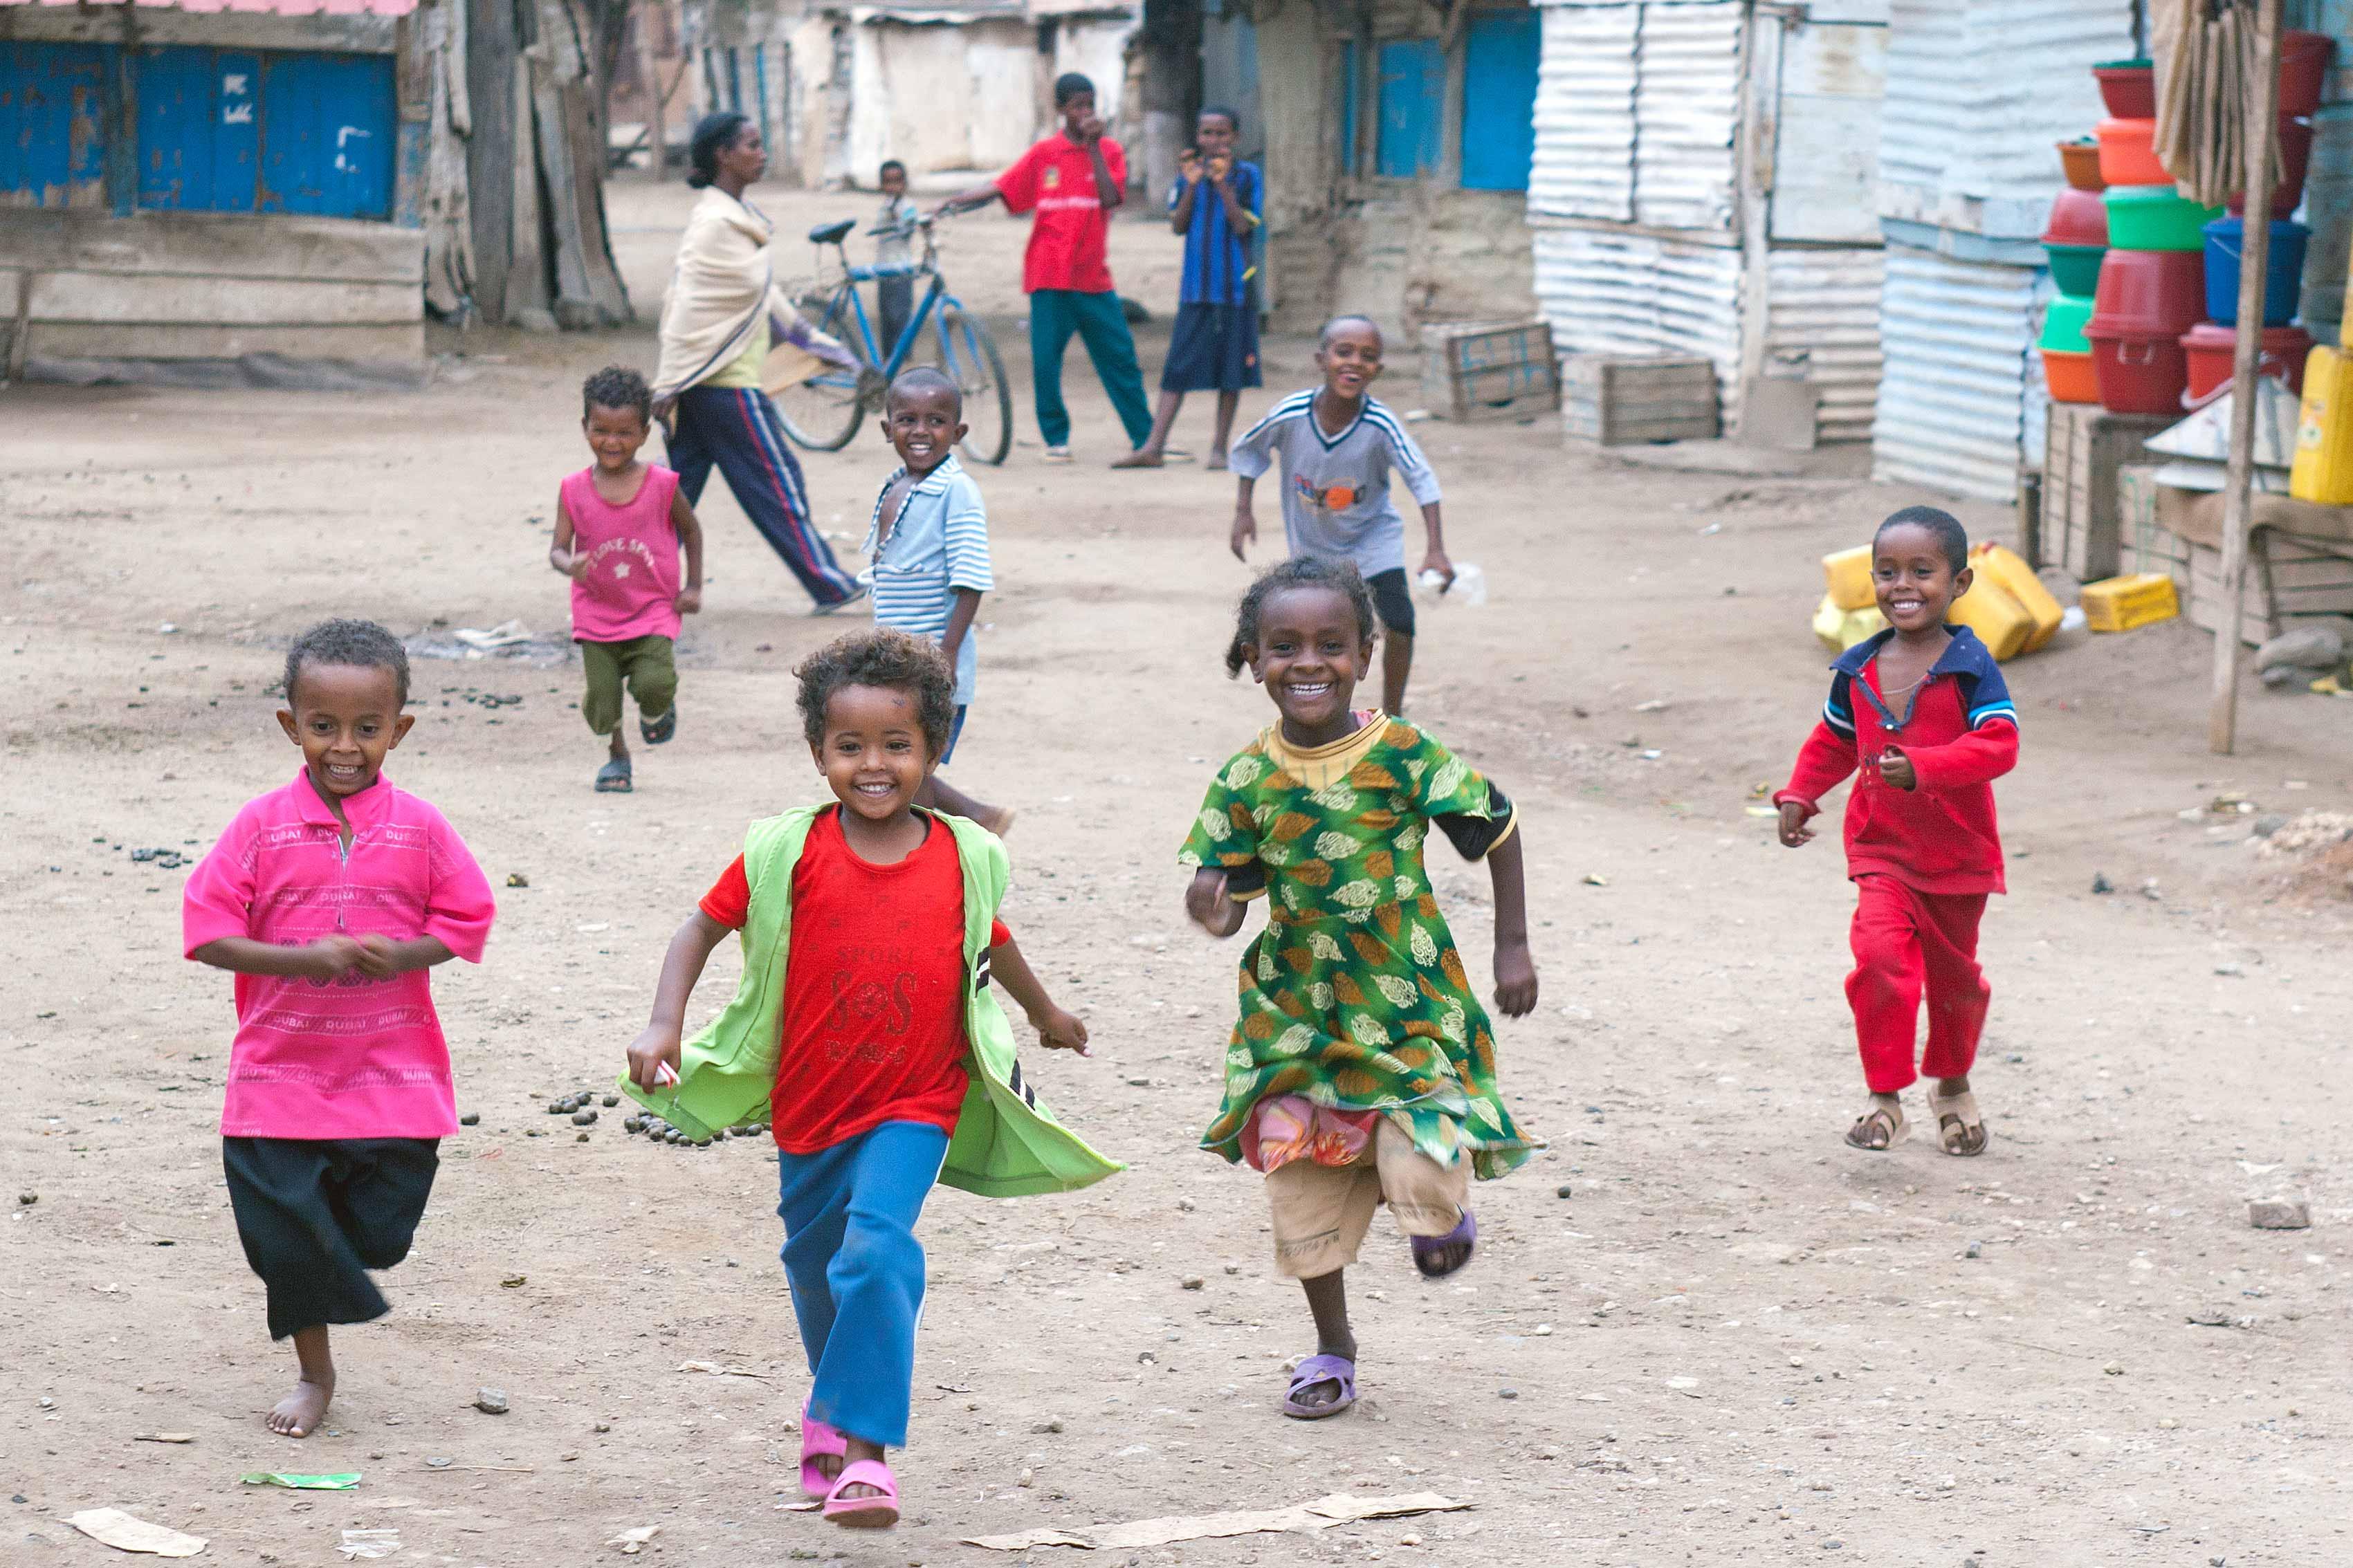 Children of Massawa, Eritrea